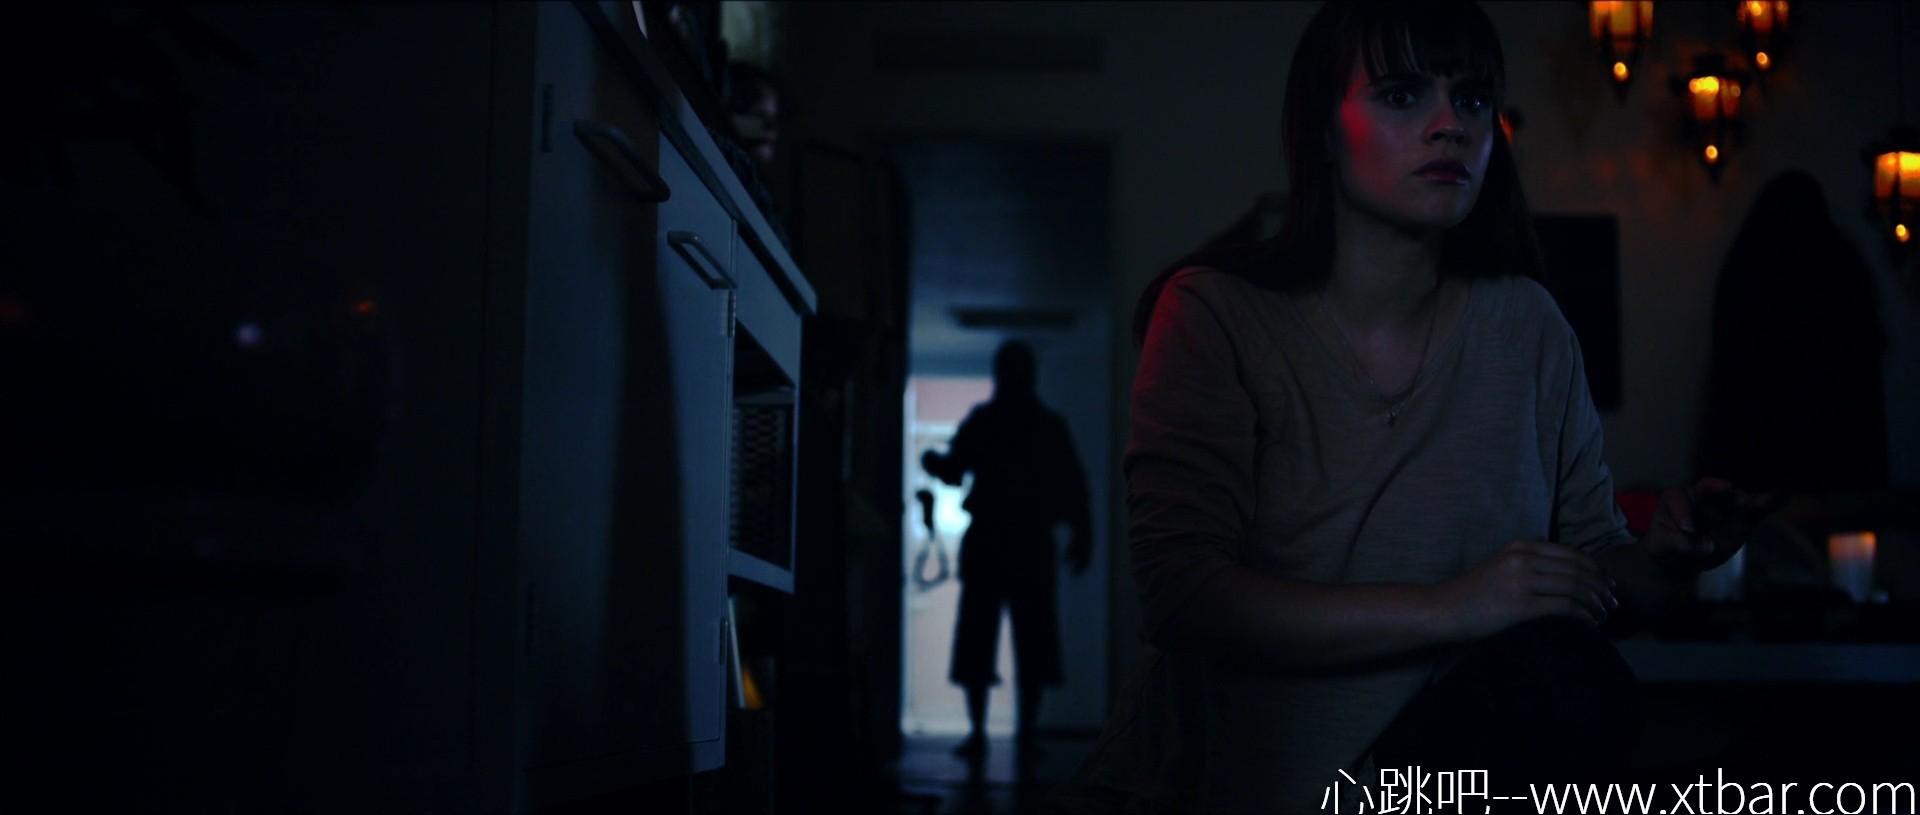 0085j6oIly1ghaytkwjs7j31hc0mngot - 周六恐怖片推荐:《绞刑架》,认真演戏就会死!